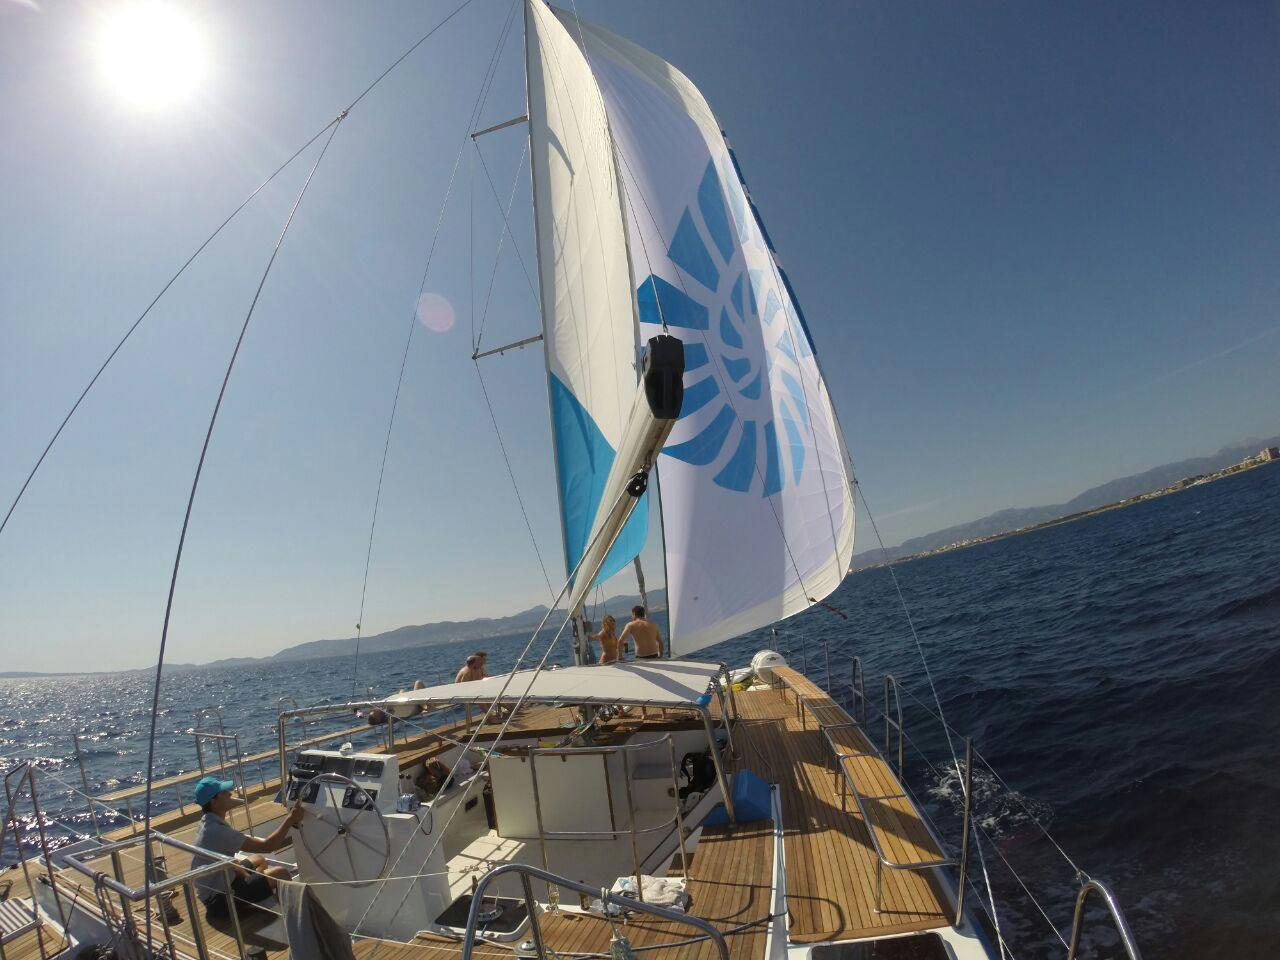 Catamaran Palma bay